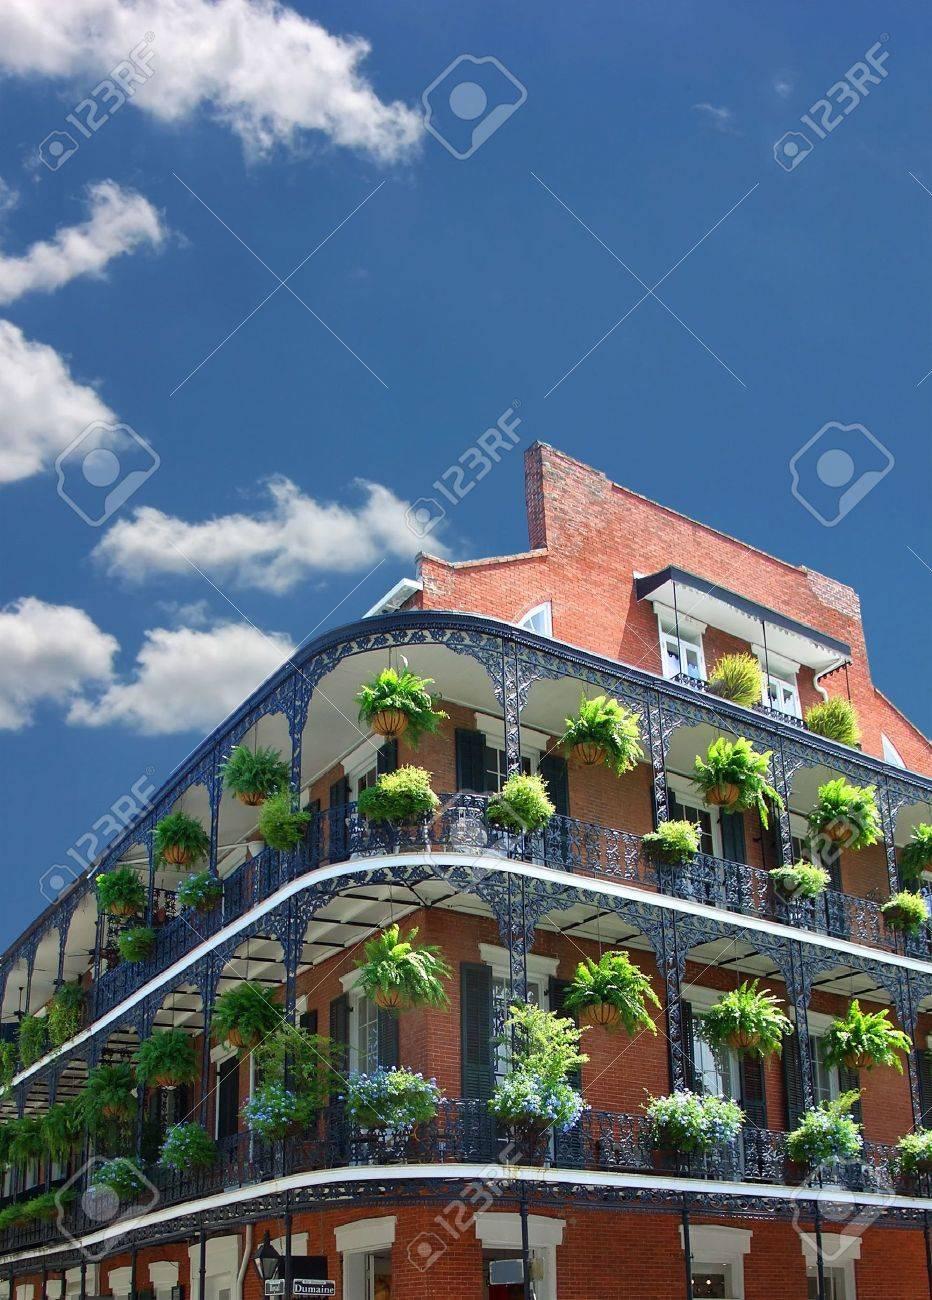 New Orleans Architektur, schmiedeeisernen Balkonen Standard-Bild - 3604152